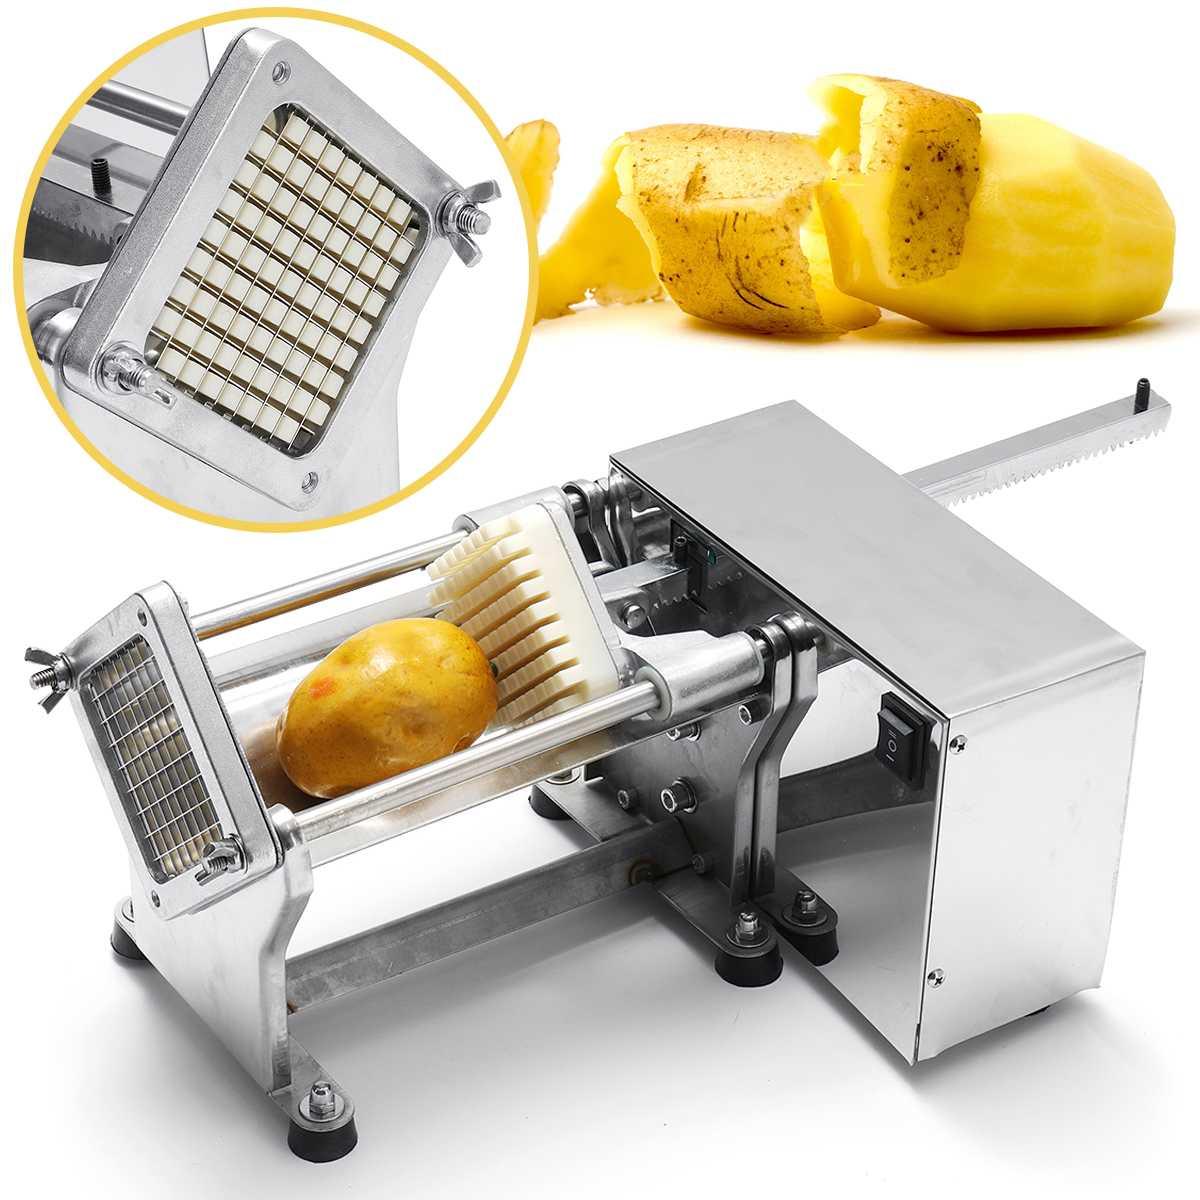 Новая коммерческая электрическая фритюрница 220 В электрическая картофелерезка французская нарезка картофеля фри машина из нержавеющей стали